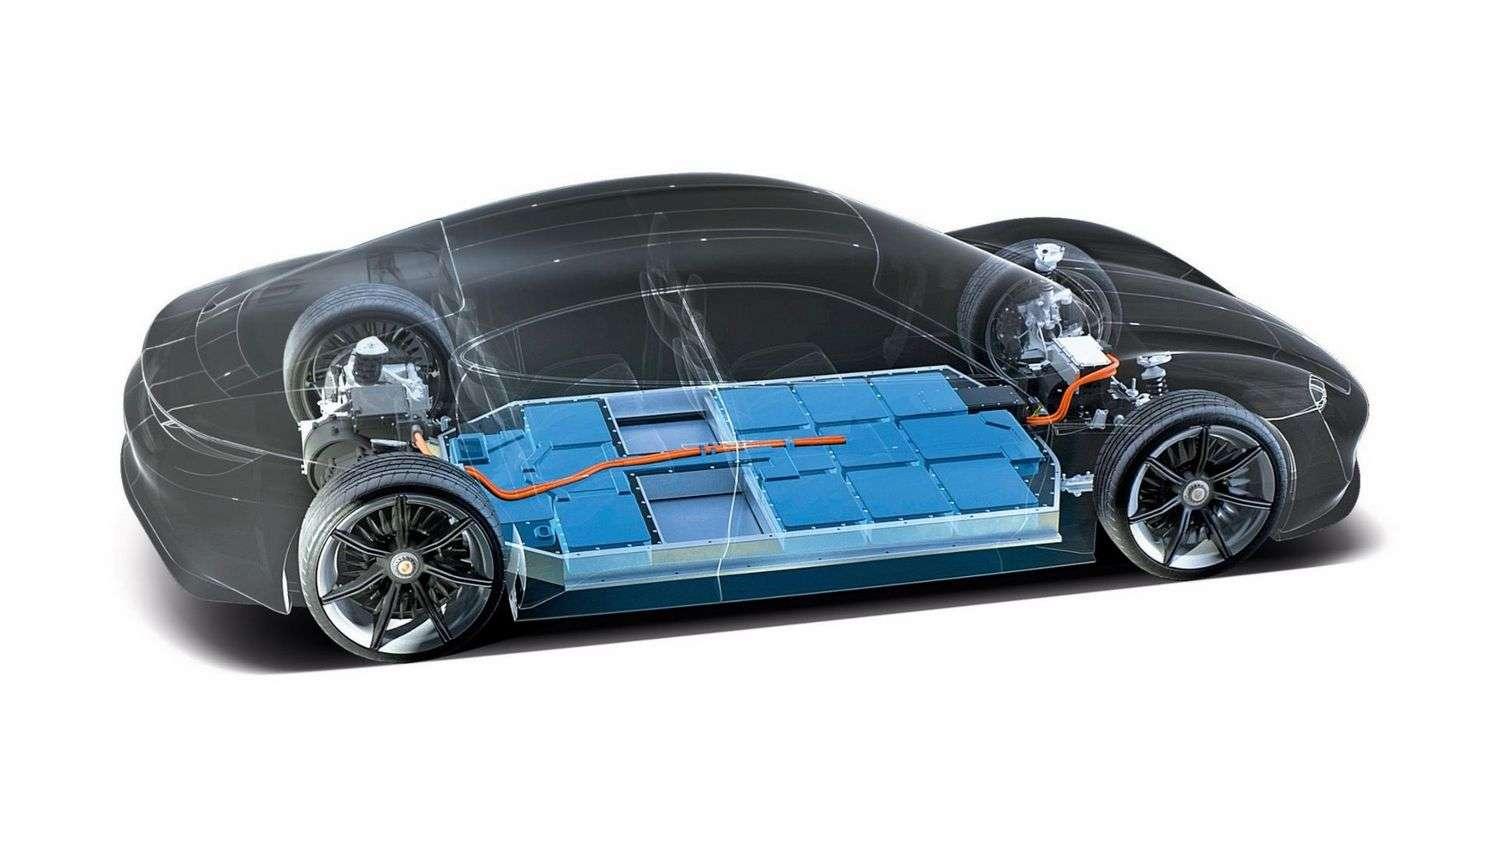 Porsche n'a pour le moment pas livré de feuille de route détaillée sur l'utilisation de ce nouveau type de batterie. © Porsche